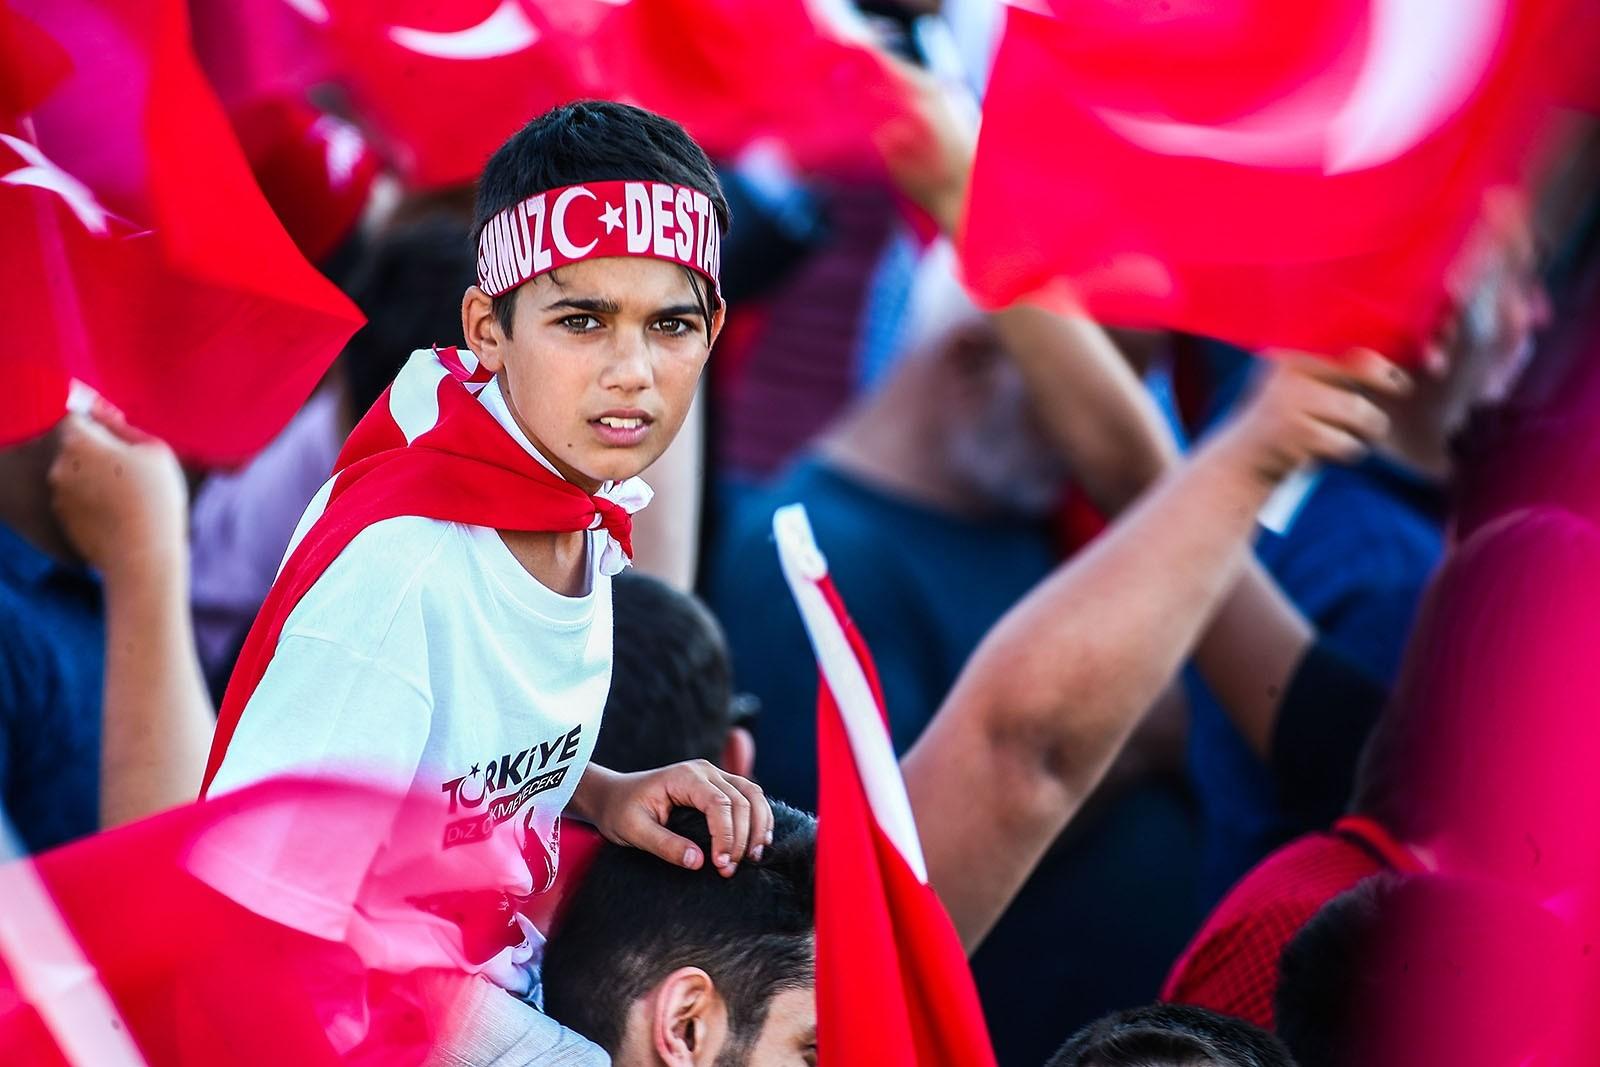 Турция отметила День демократии и национального единства — 15 июля